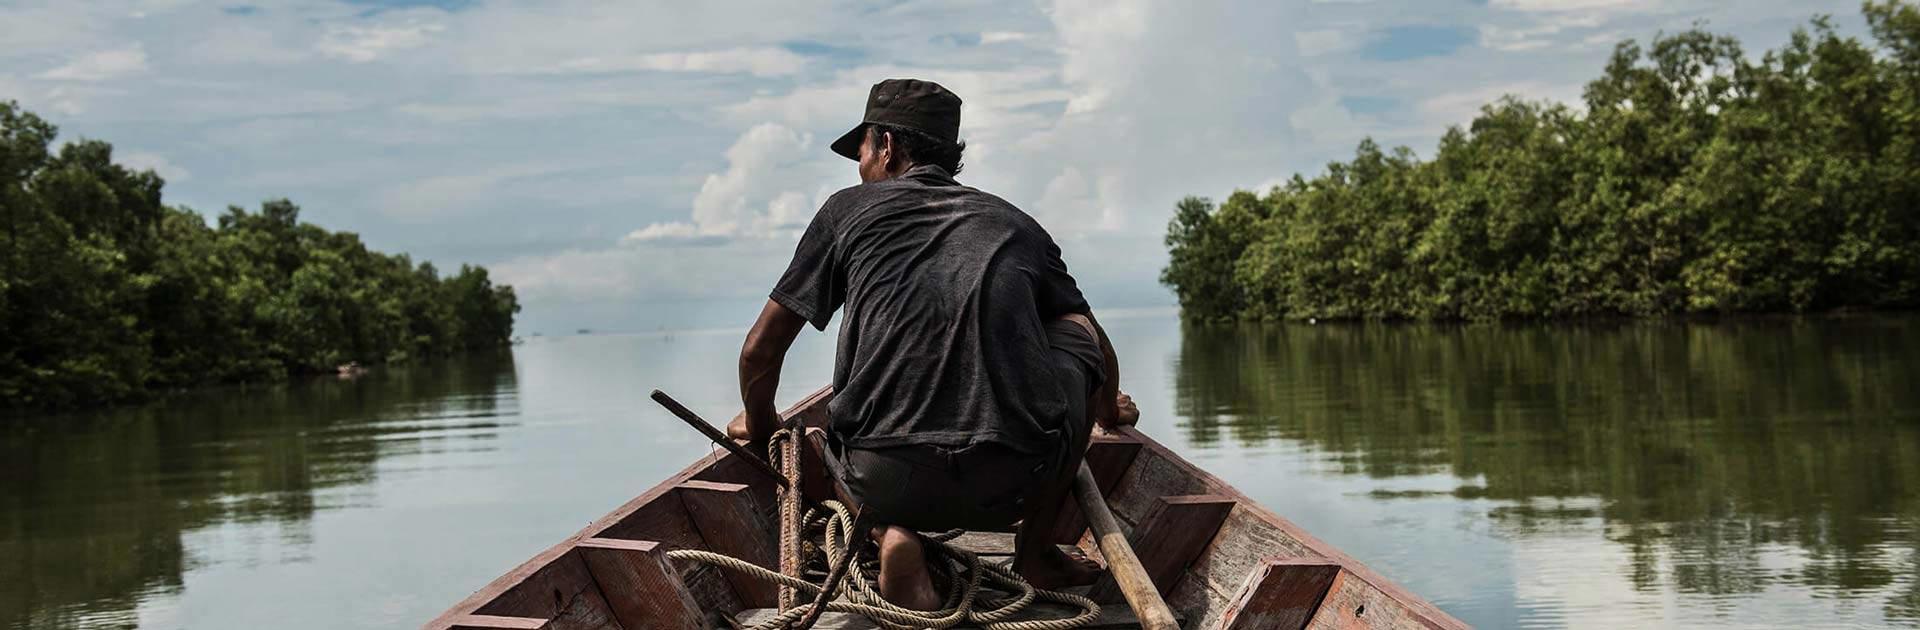 KH Explore el Sur de Camboya 12 días 1